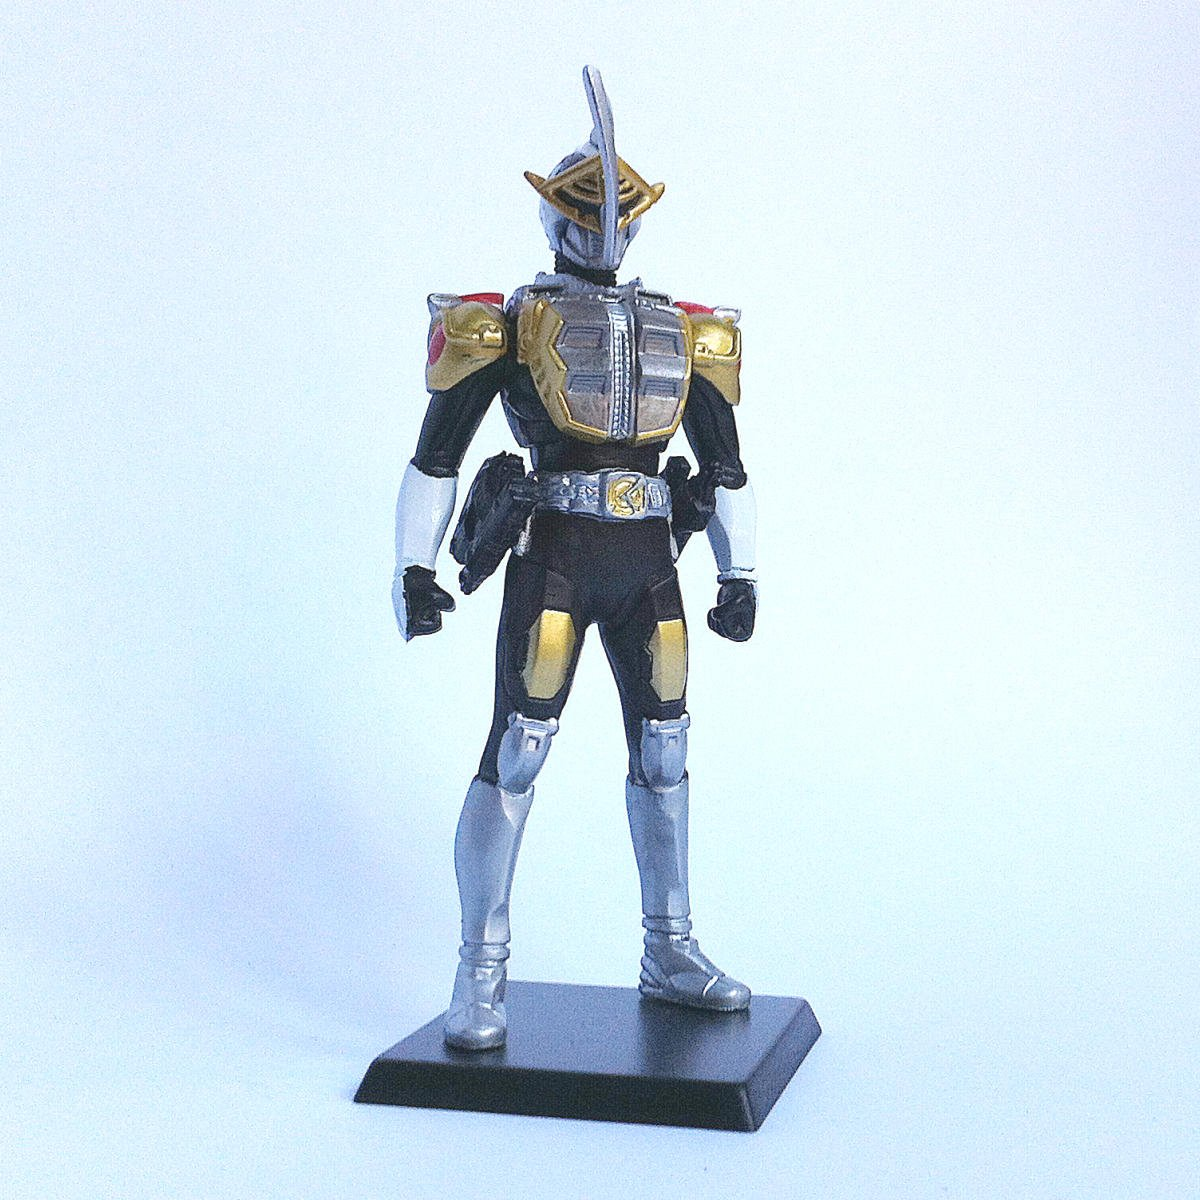 Kamen Rider Den-O Ax Form from HG Kamen Rider by Bandai